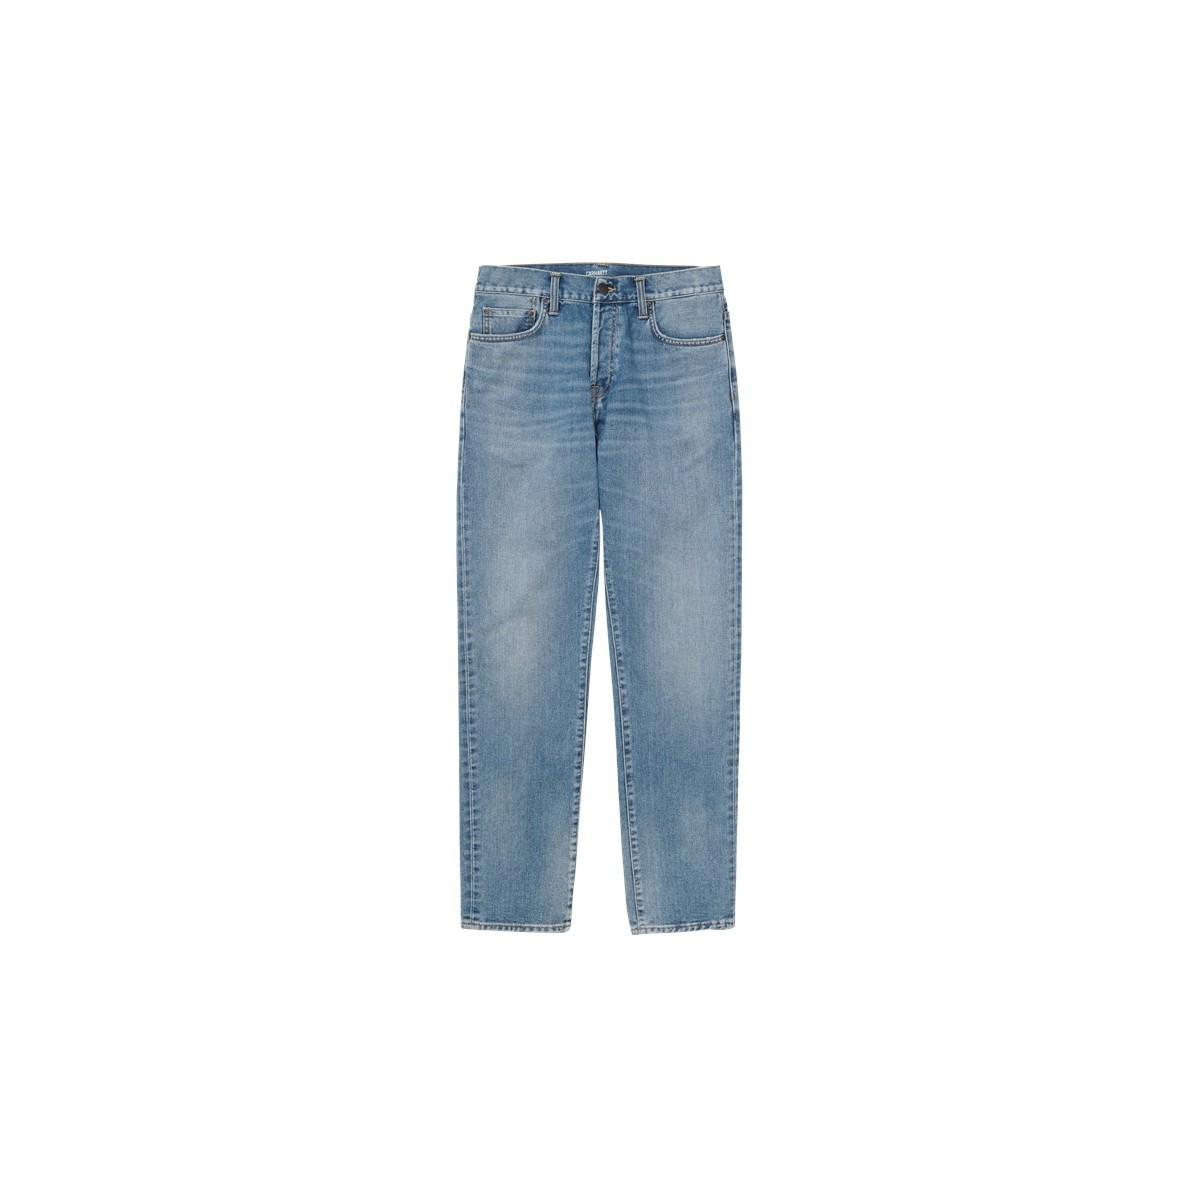 Carhartt WIP - Jeans Klondike blue worn bleached